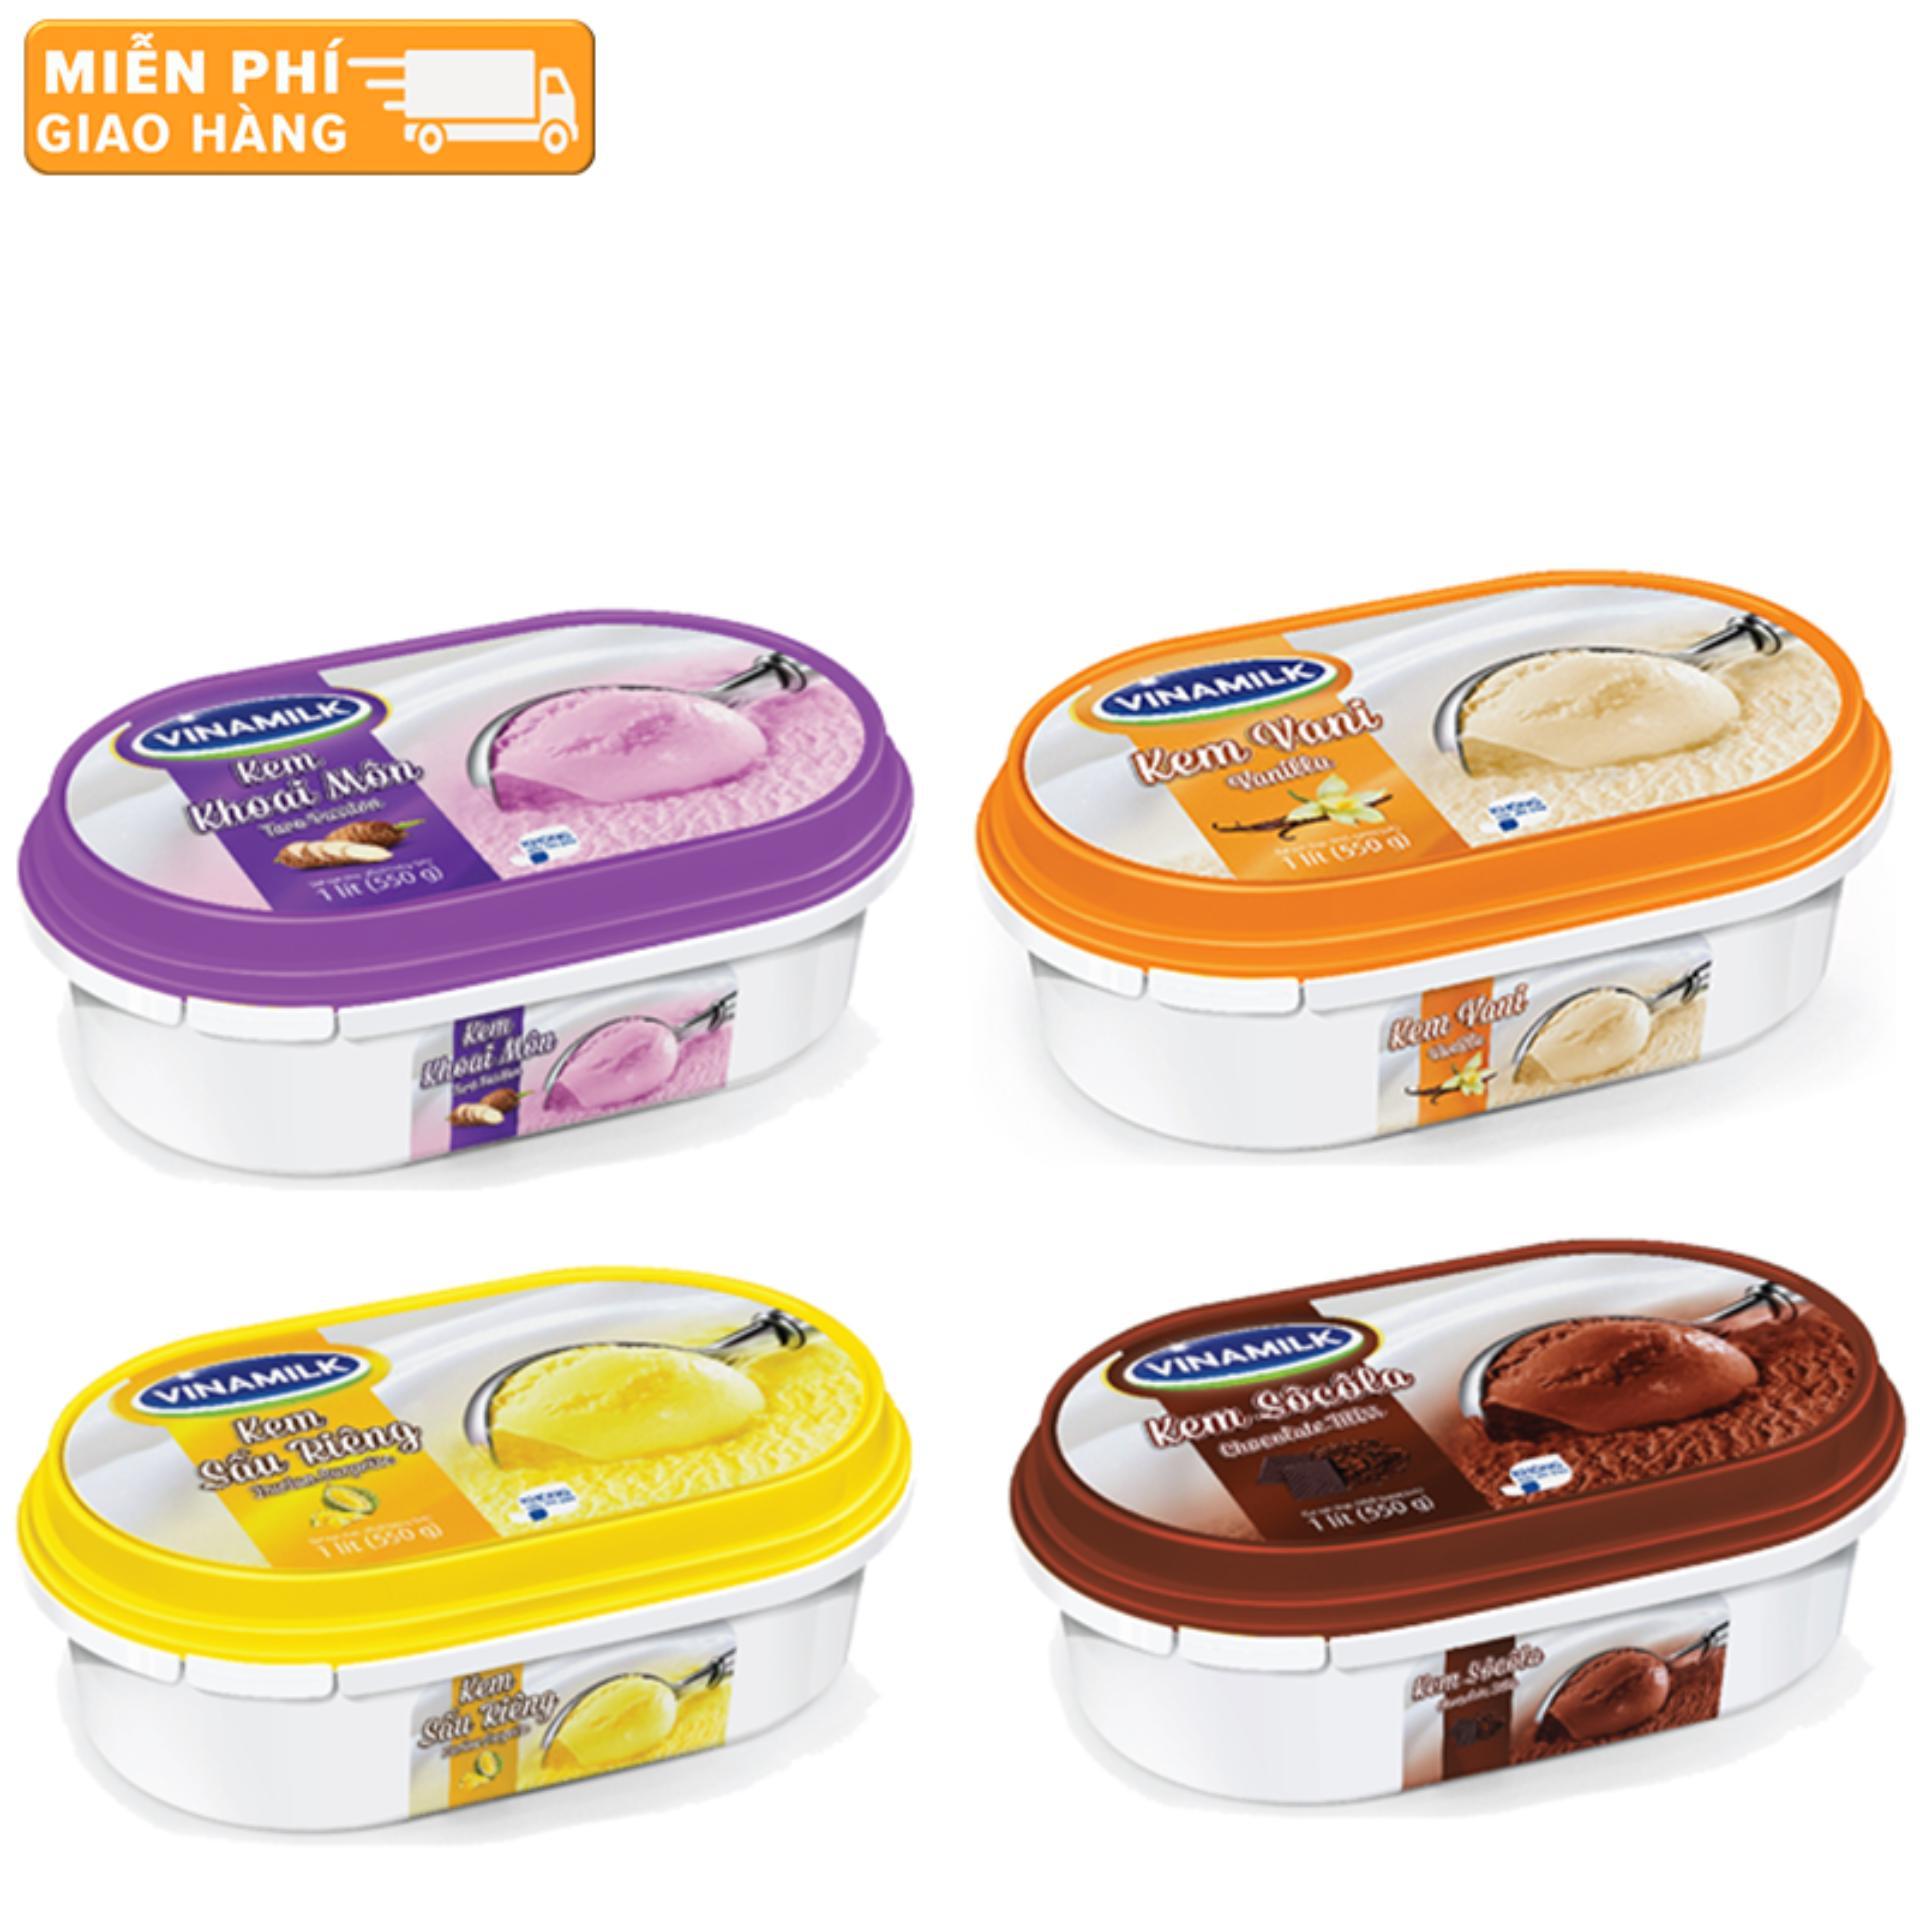 Bộ 4 hôp kem Vinamik 1L các vị Sầu Riêng - Socola - Khoai Môn - Vani